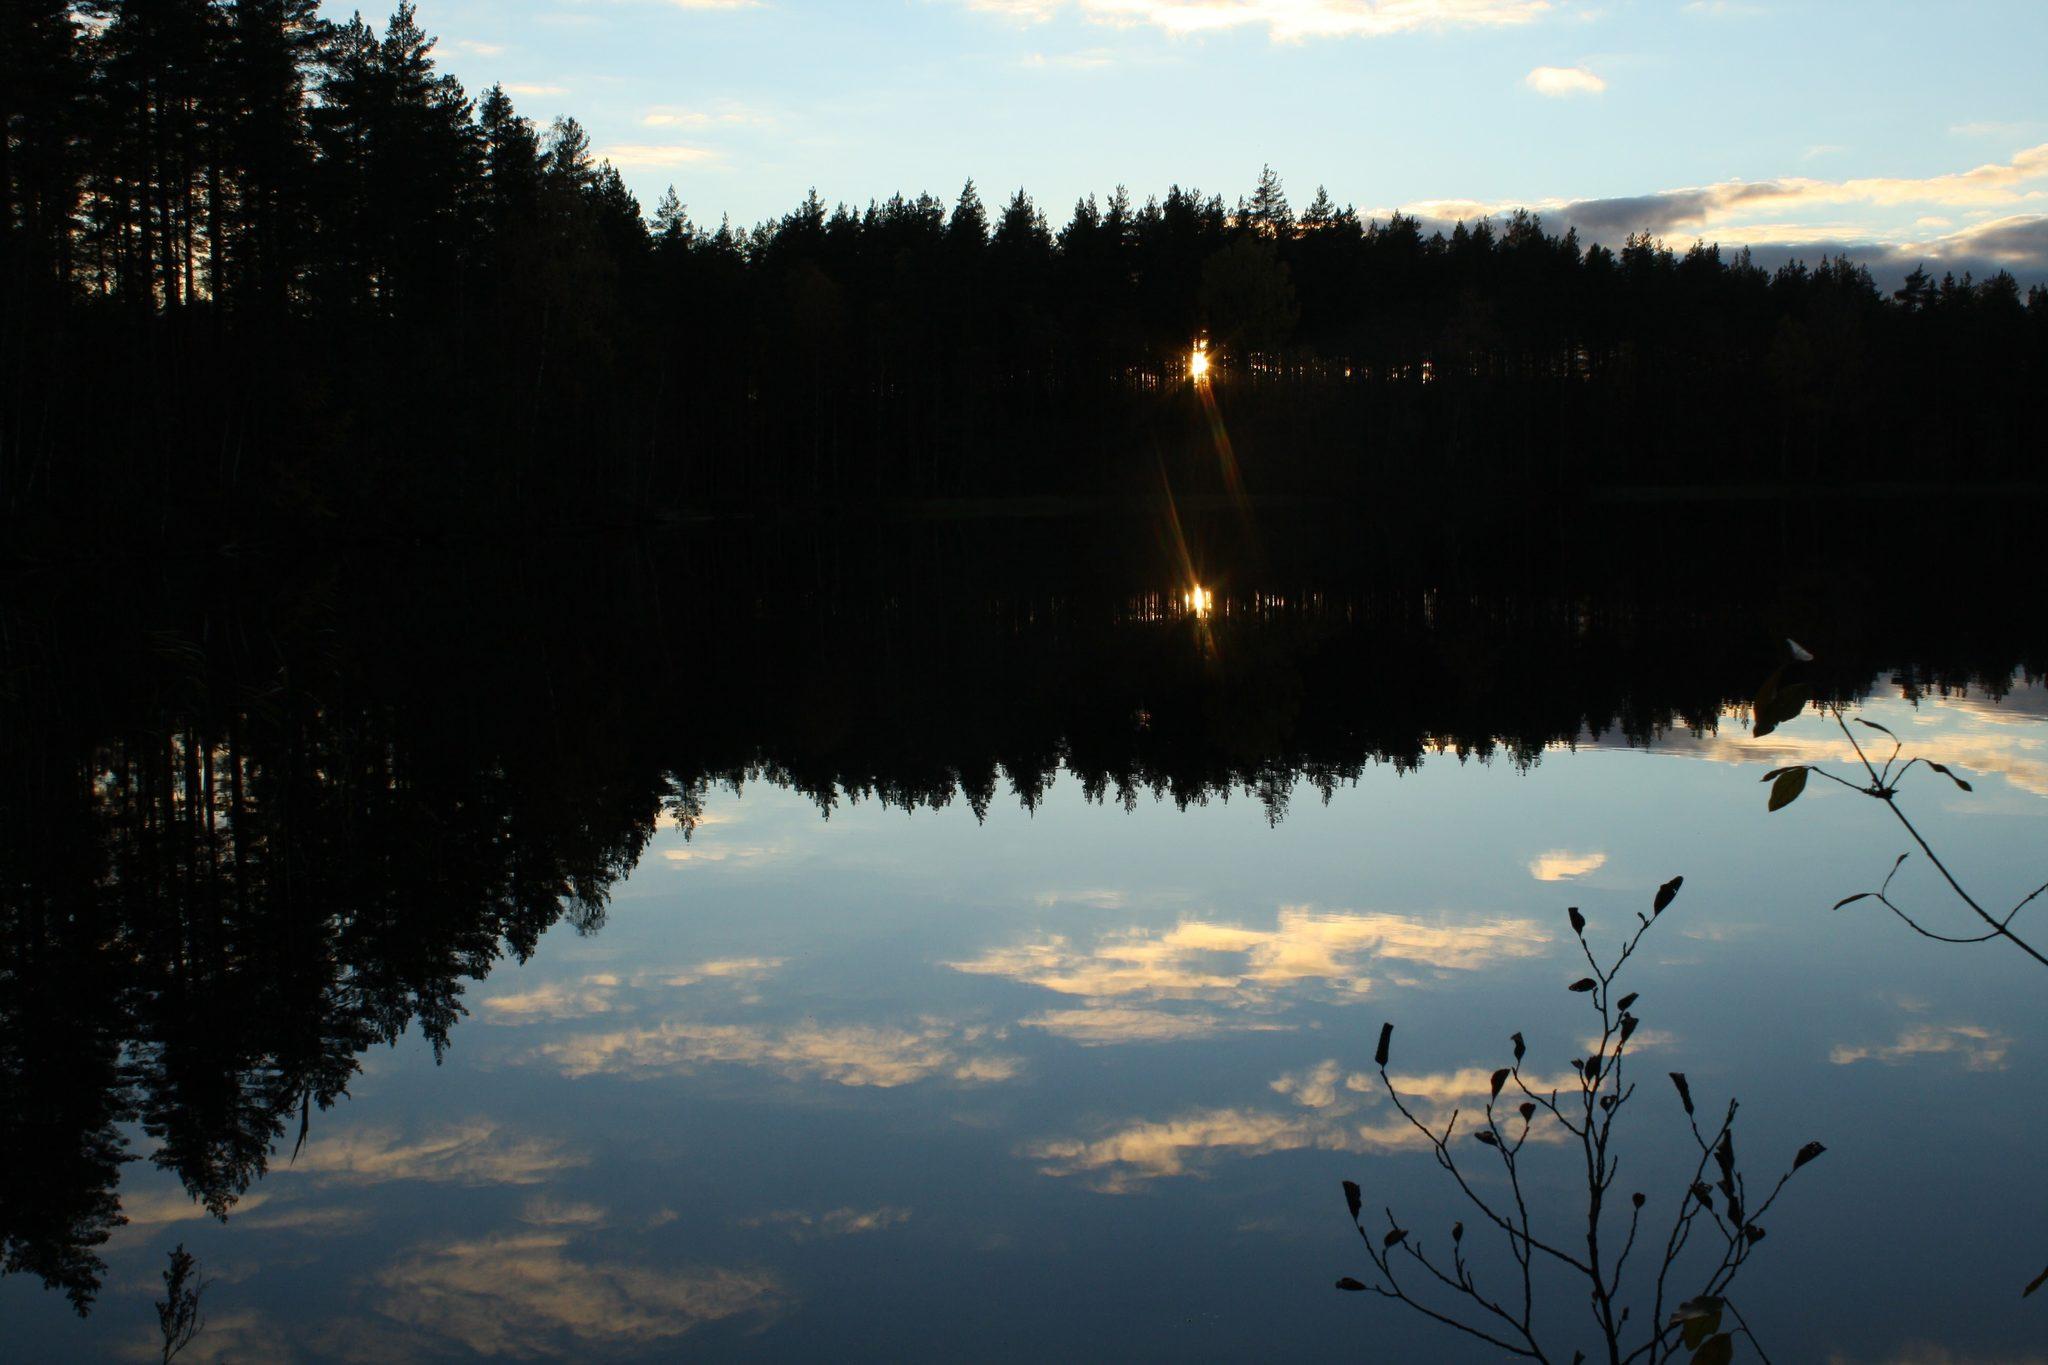 Päiväretki Hämeen järviylängöllä